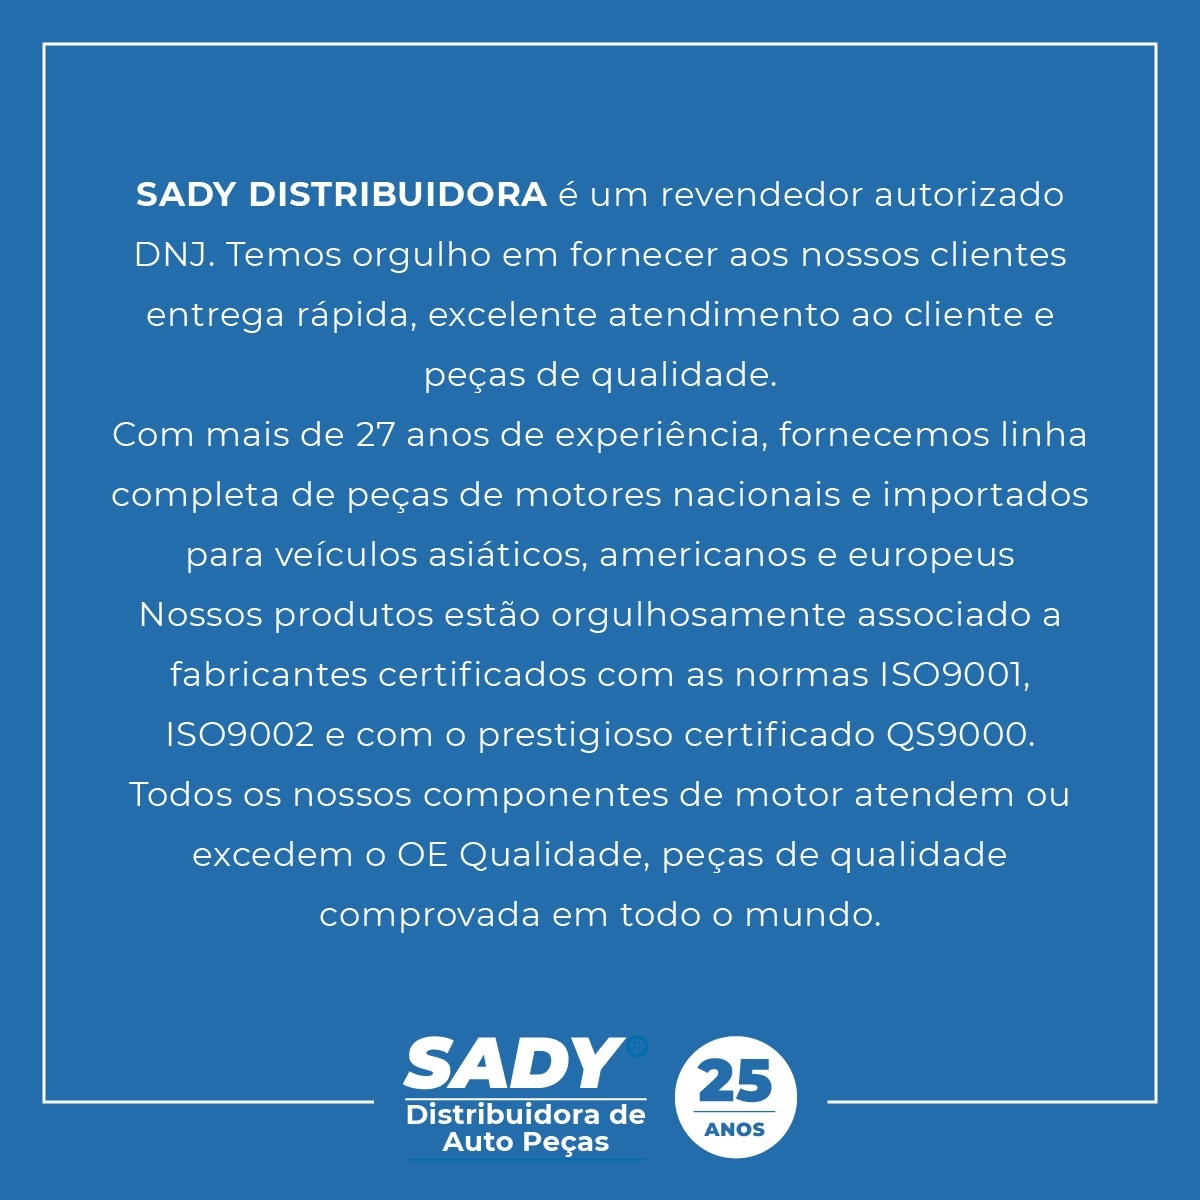 BOMBA DE OLEO DO MOTOR TOYOTA 3.5 24V